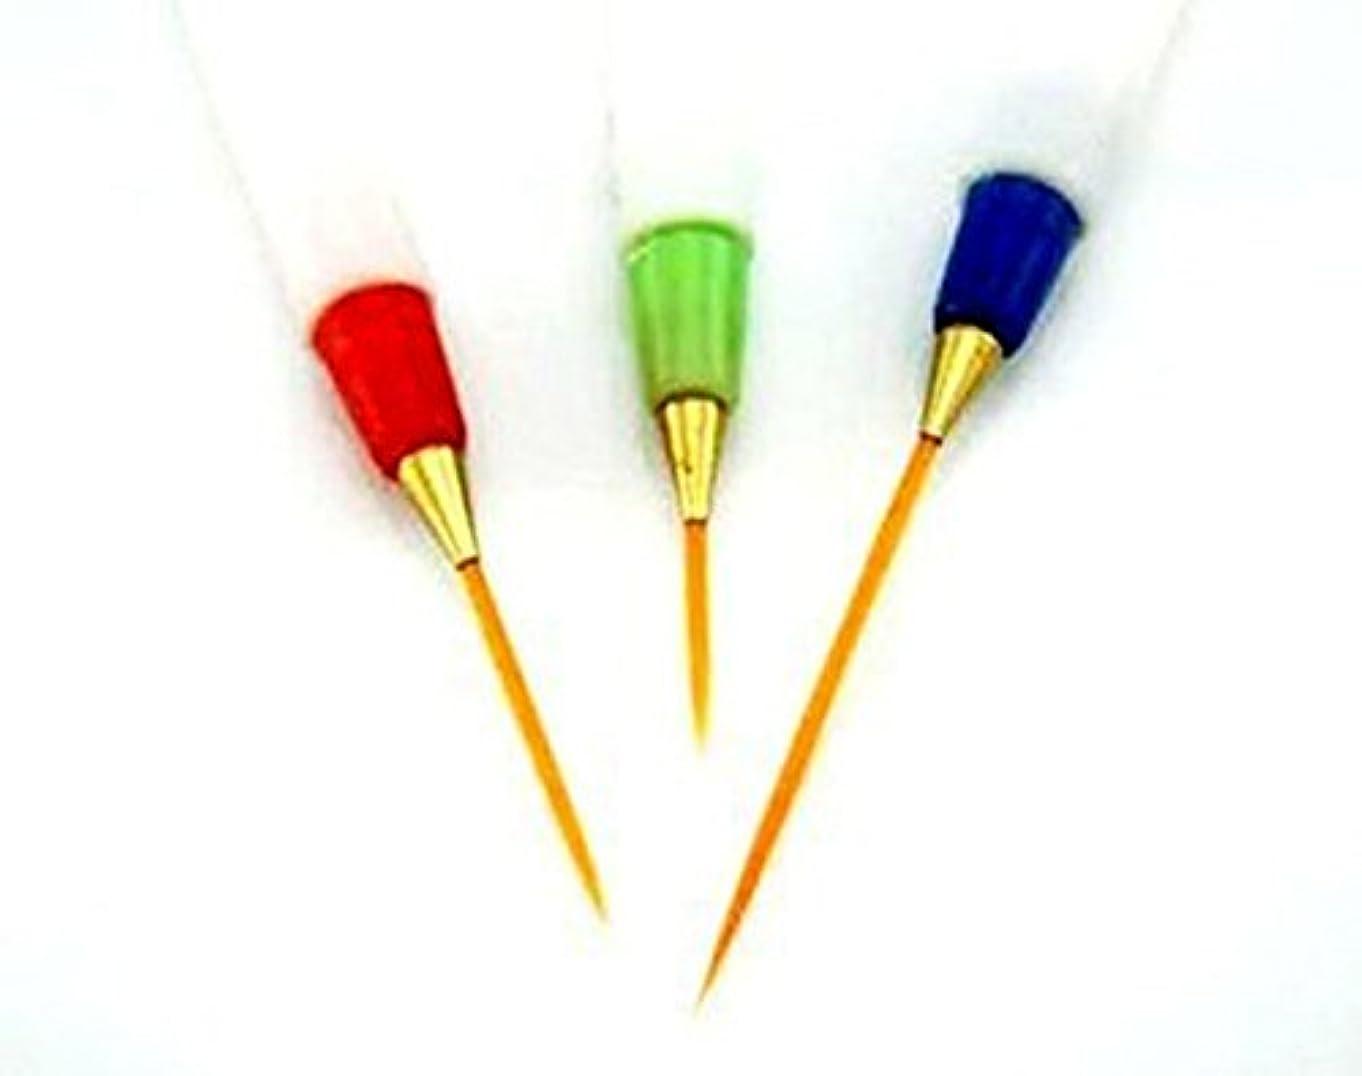 インチ発疹西Vaorwne 3x白い絵画ペンネイルアートデザインペンブラシの描画ストライプライナーセット